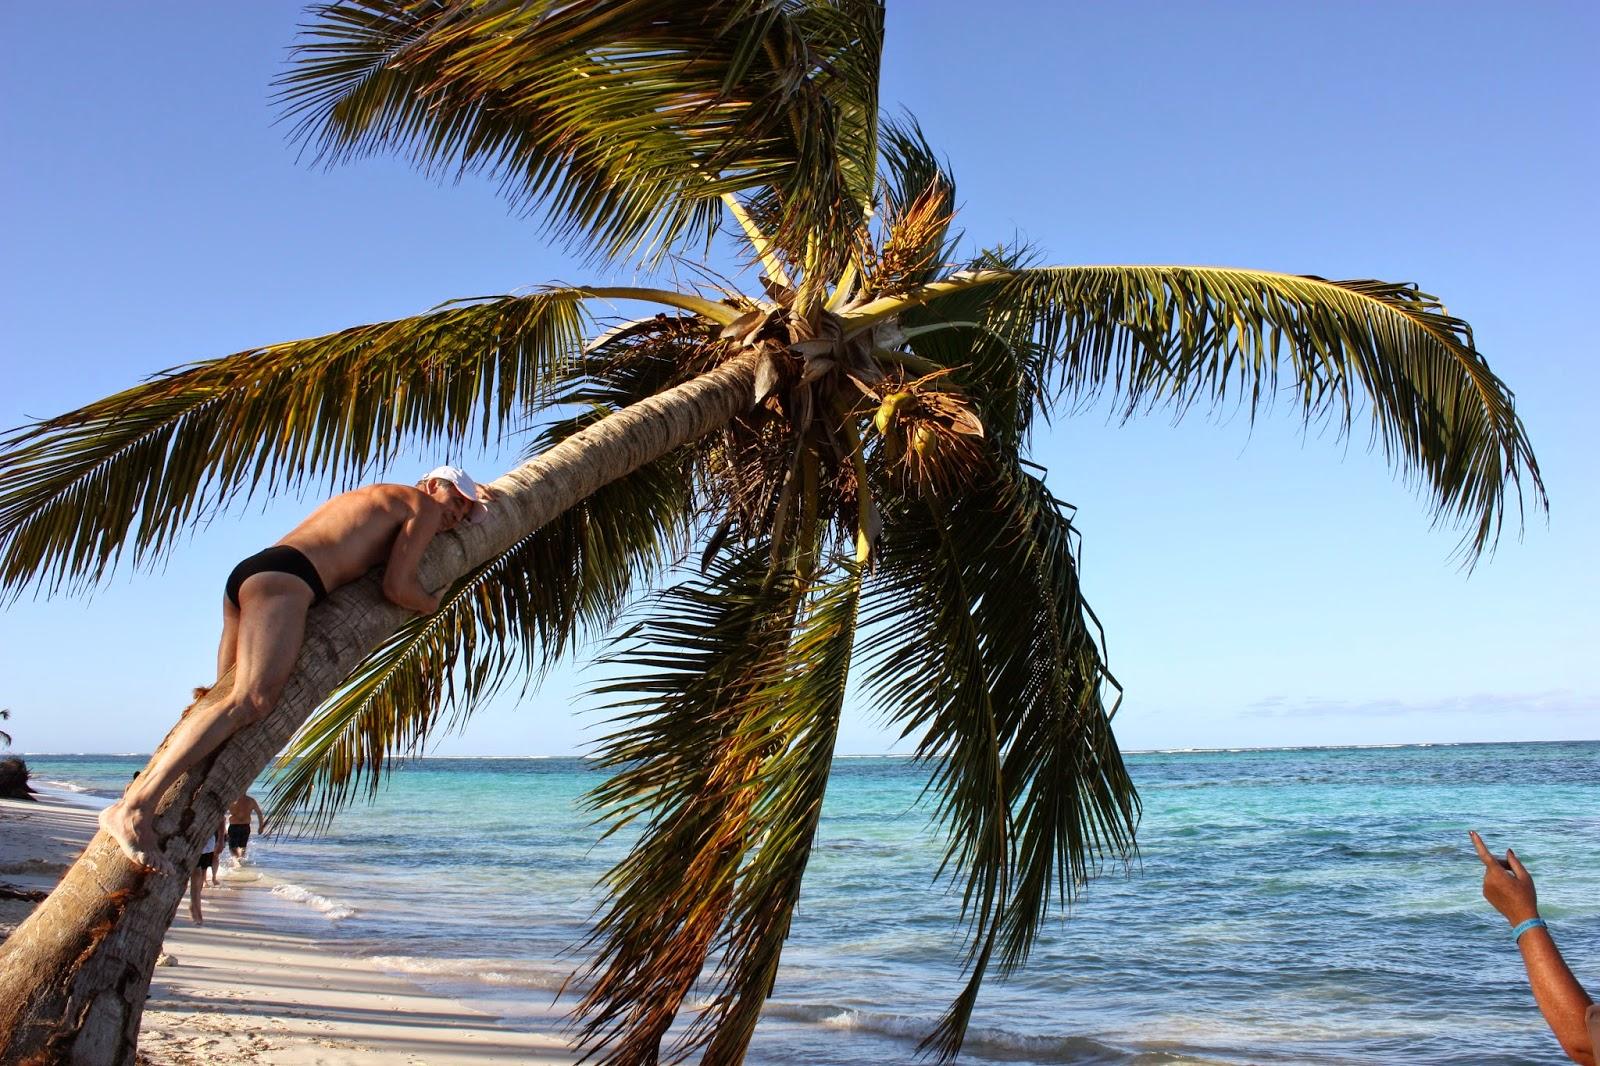 Температура воздуха в Доминикане